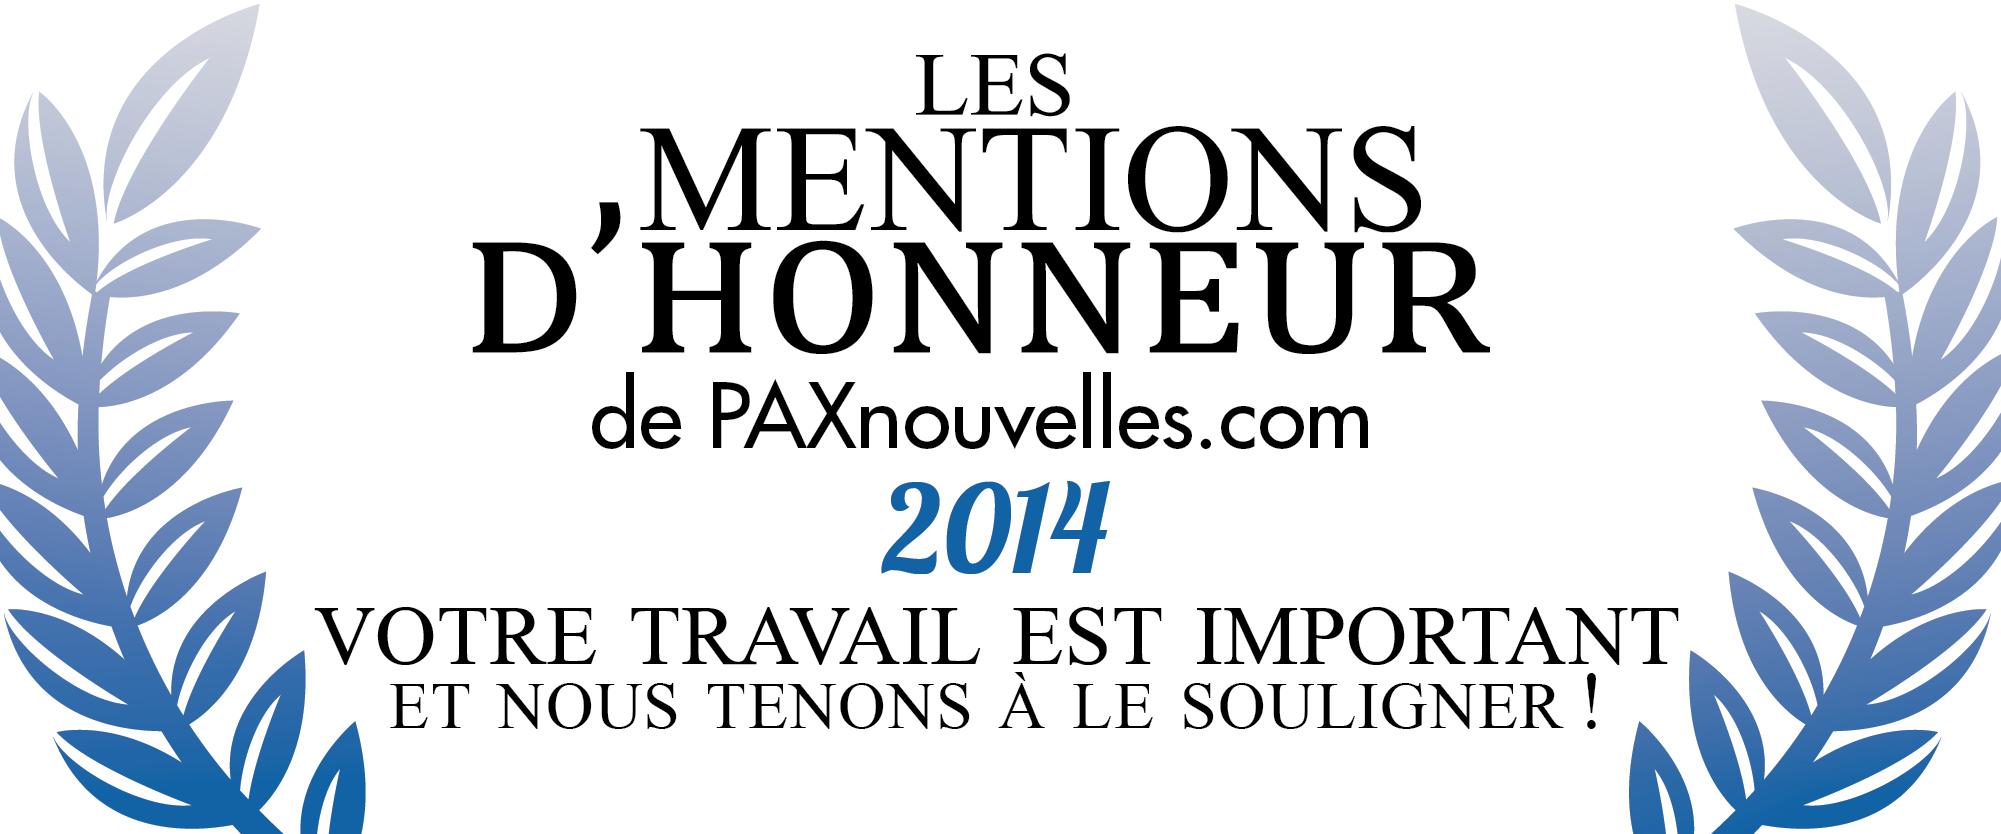 Mentions d'Honneur 2014 : la fin des inscriptions approche